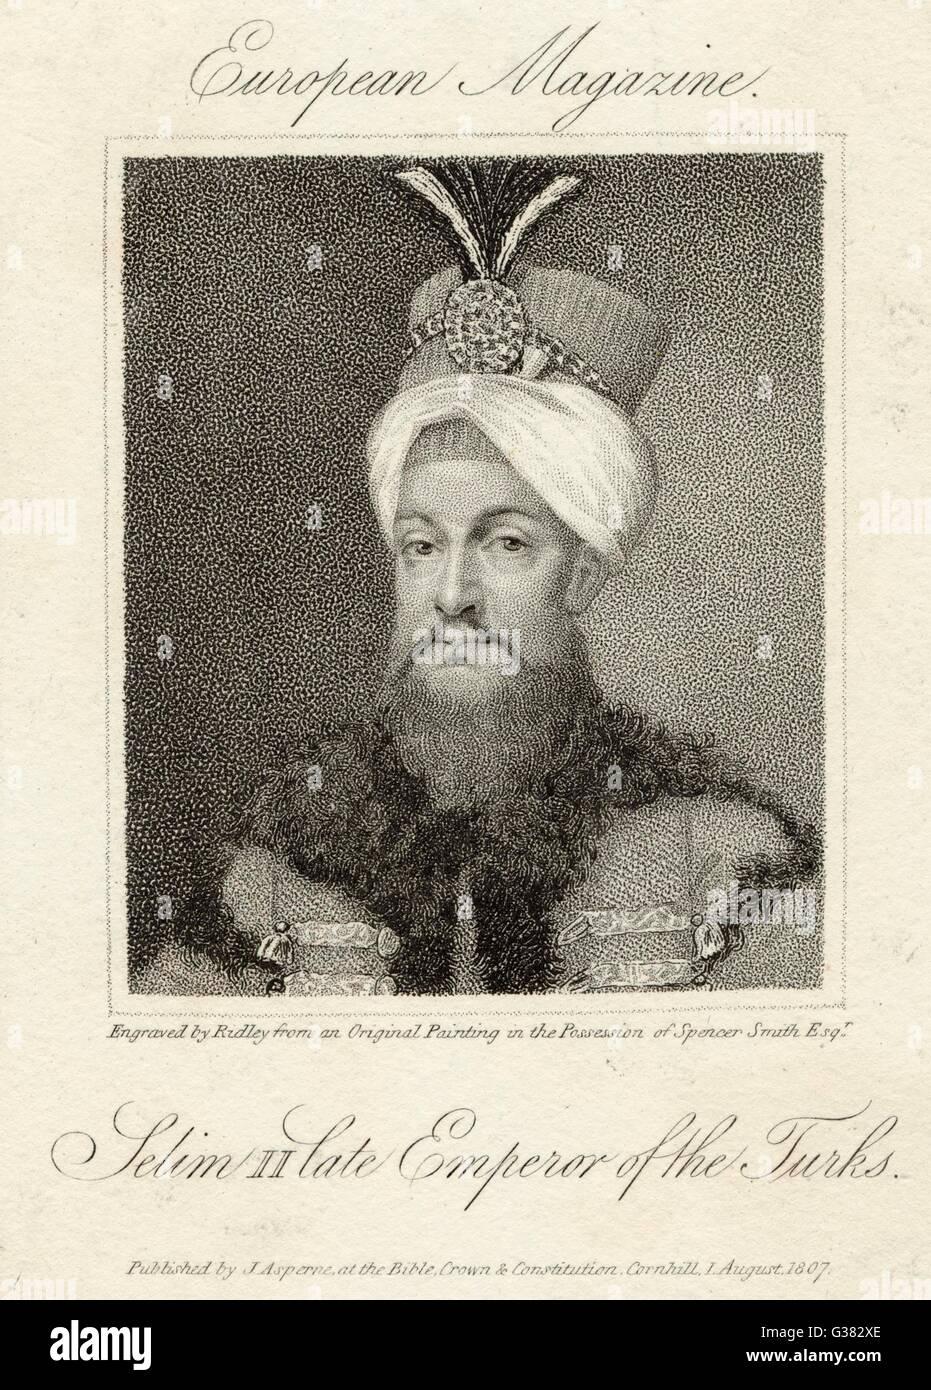 SELIM III sultano di Turchia [nota che la didascalia stampata è erroneo] Data: 1761 - 1808 Immagini Stock